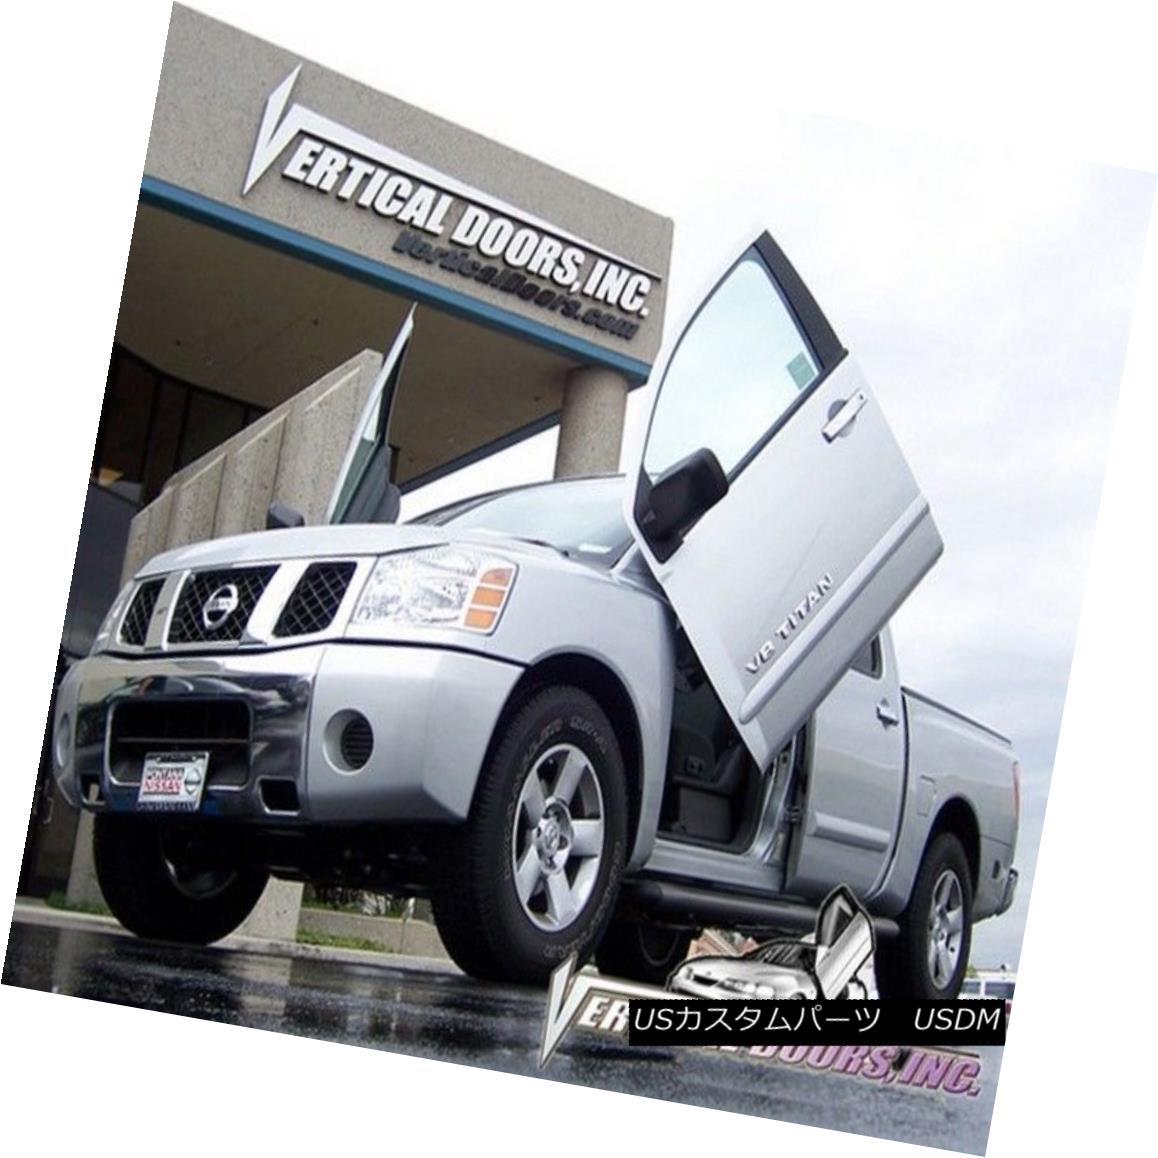 ガルウィングキット Vertical Doors Inc. Bolt-On Lambo Kit for Nissan Titan 05-10 Vertical Doors Inc.日産タイタン用Bolt-On Lamboキット05-10